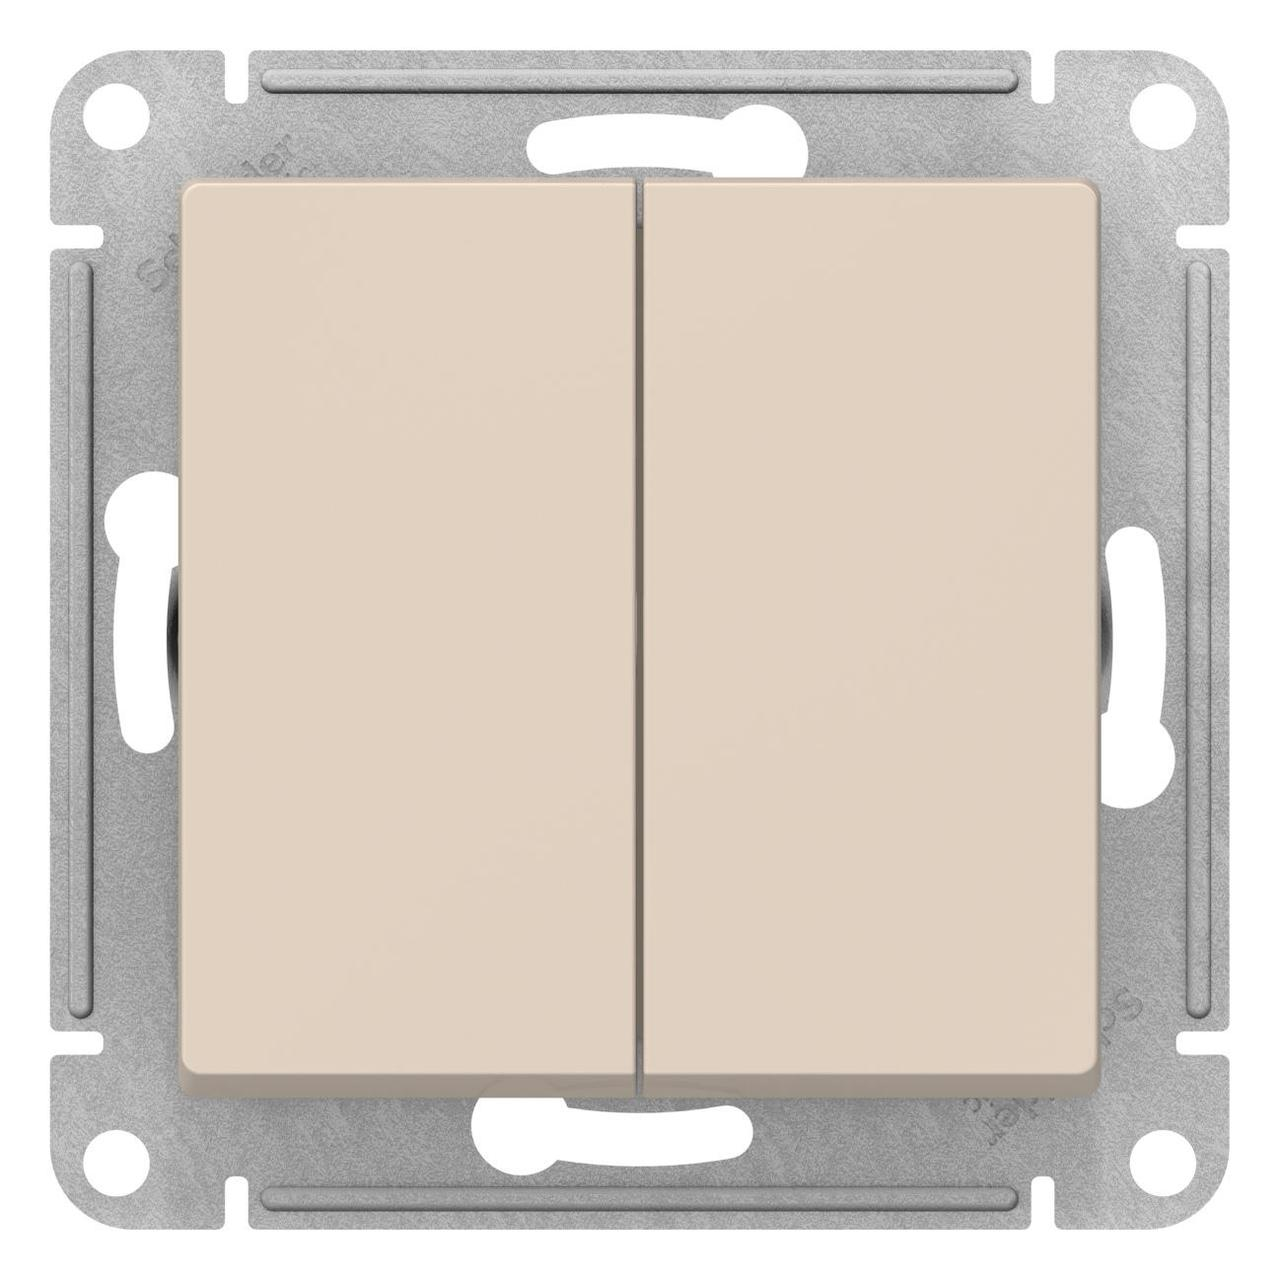 Выключатель 2-клавишный проходной (с двух мест) , Бежевый, серия Atlas Design, Schneider Electric